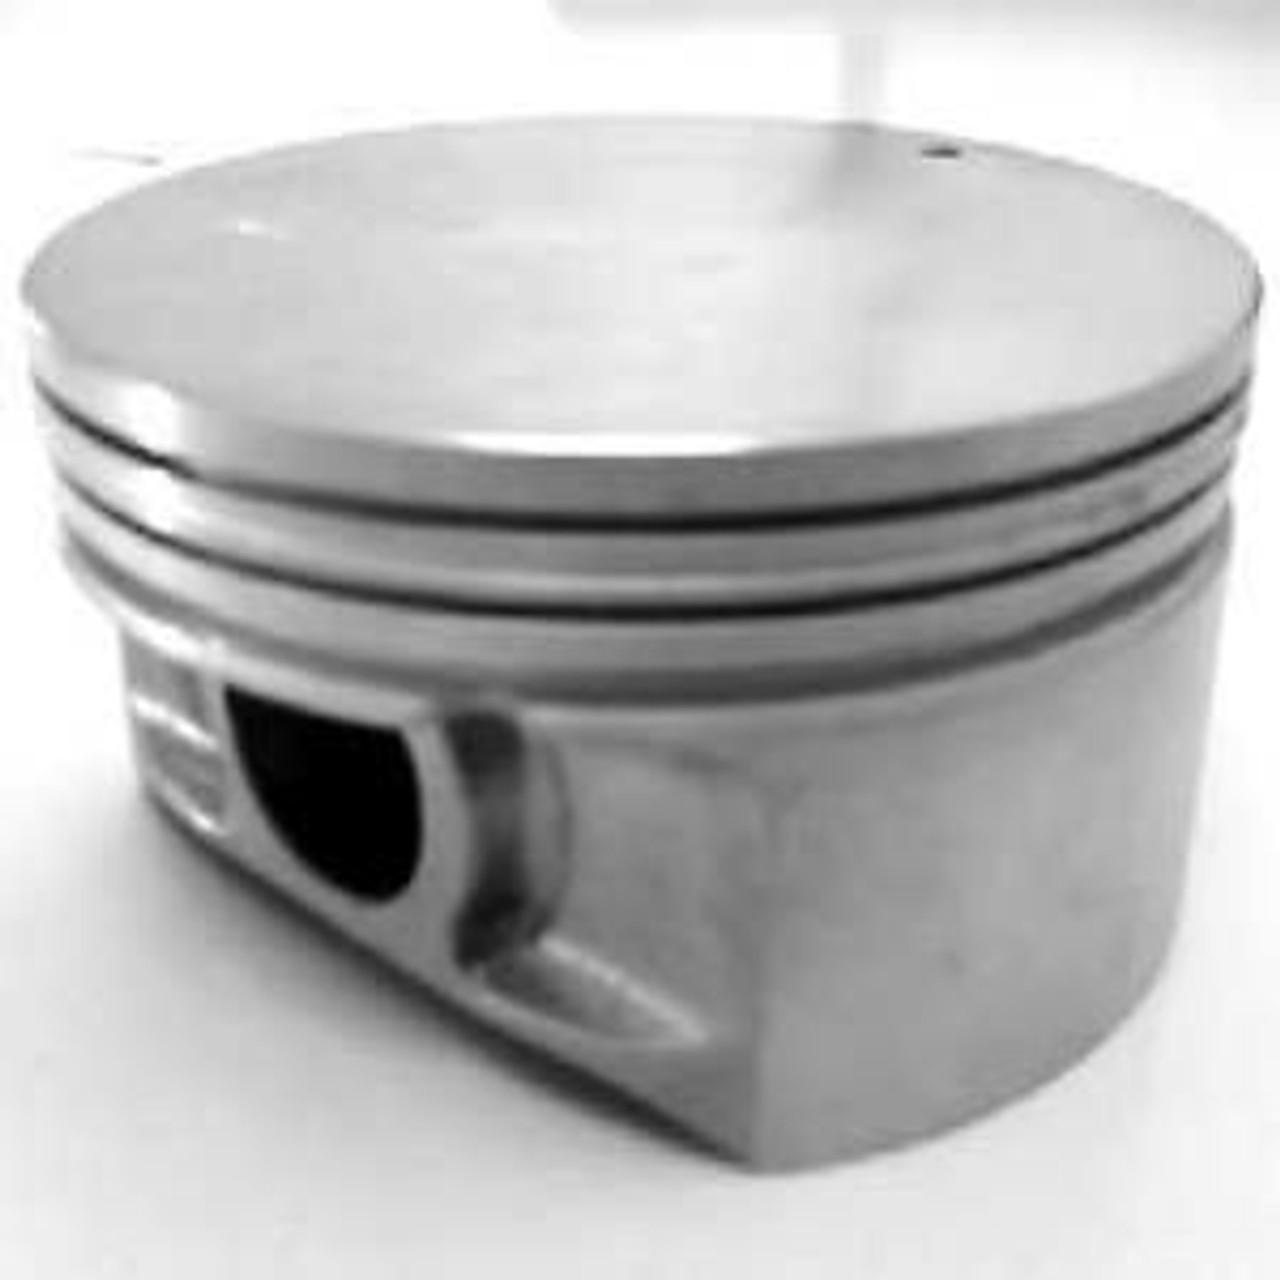 Tik Replacement 6.0L LS2/L98/L76 Pistons & NPR Piston Rings Kit